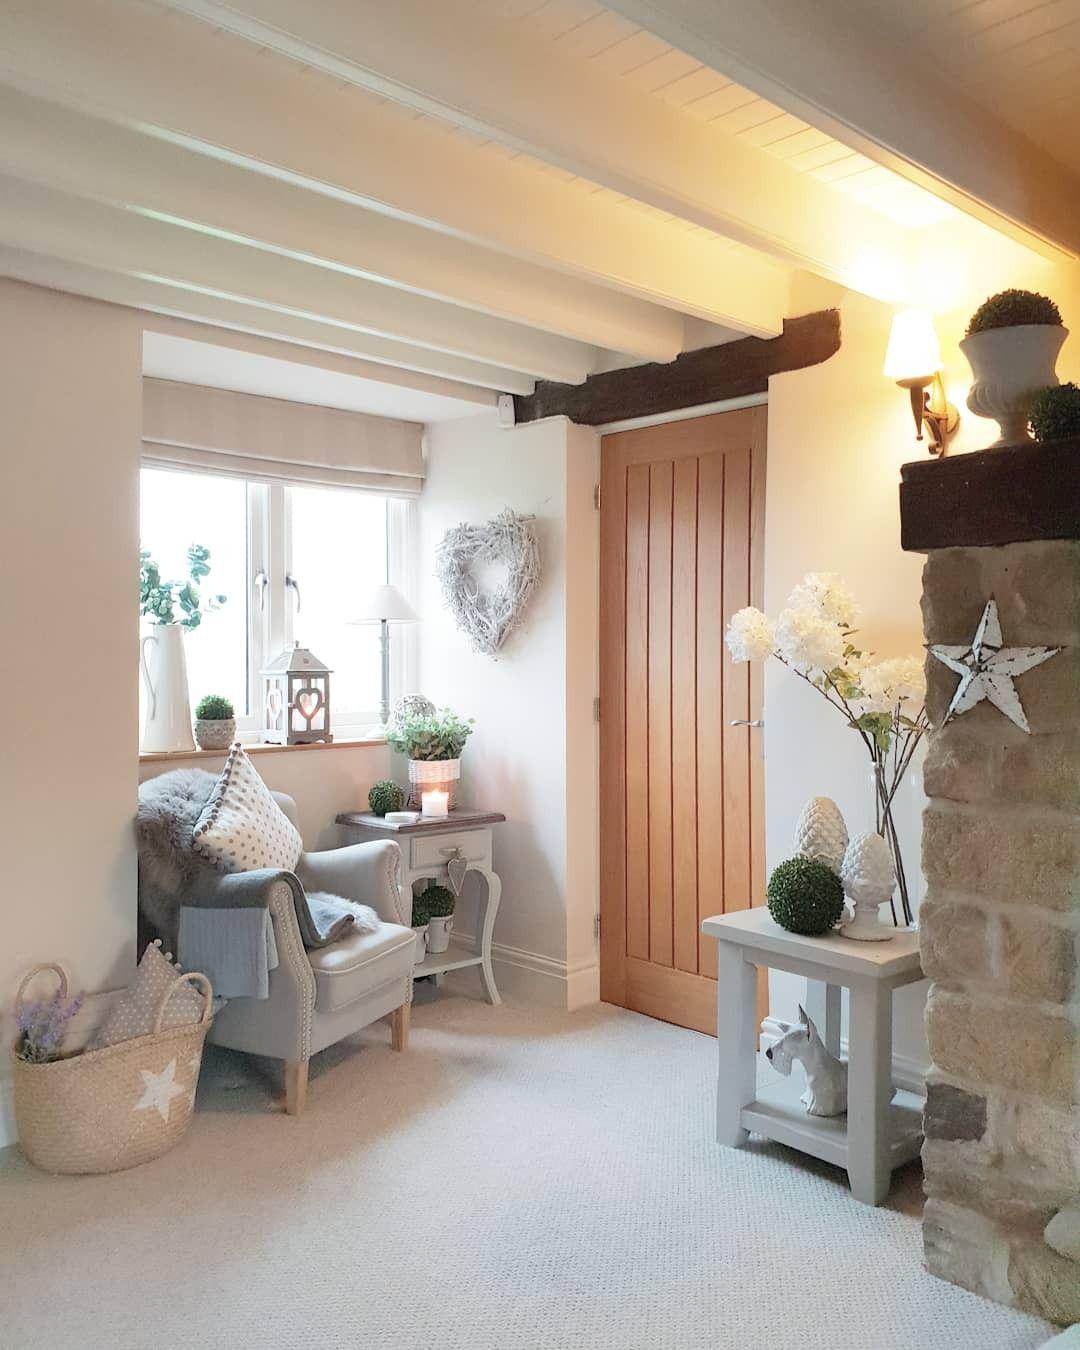 Cozy Home Interiors: Cosy Home Decor, Home Decor